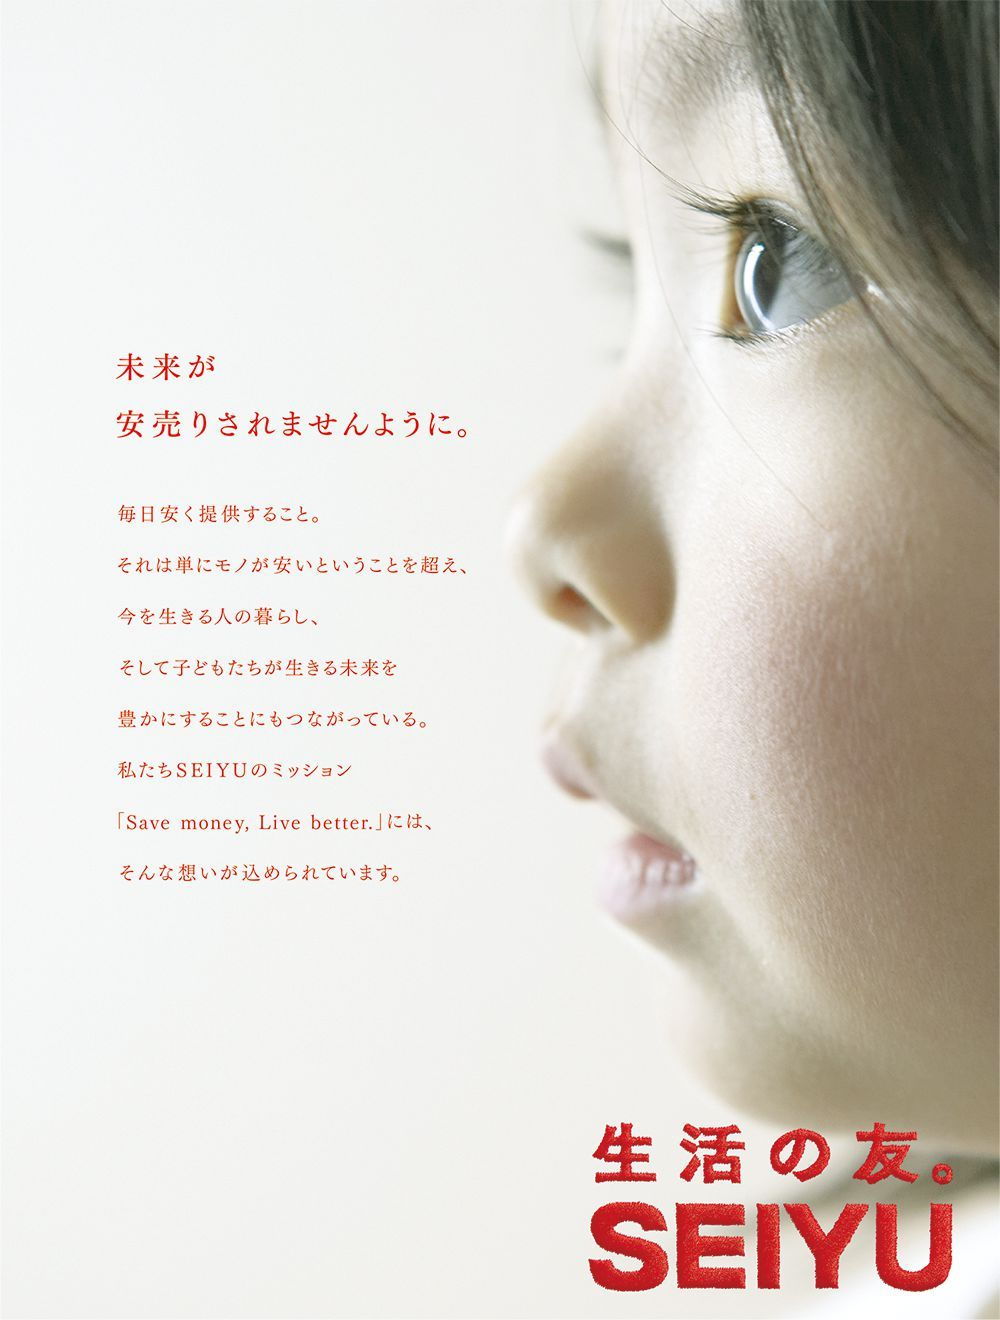 西友 雑誌広告